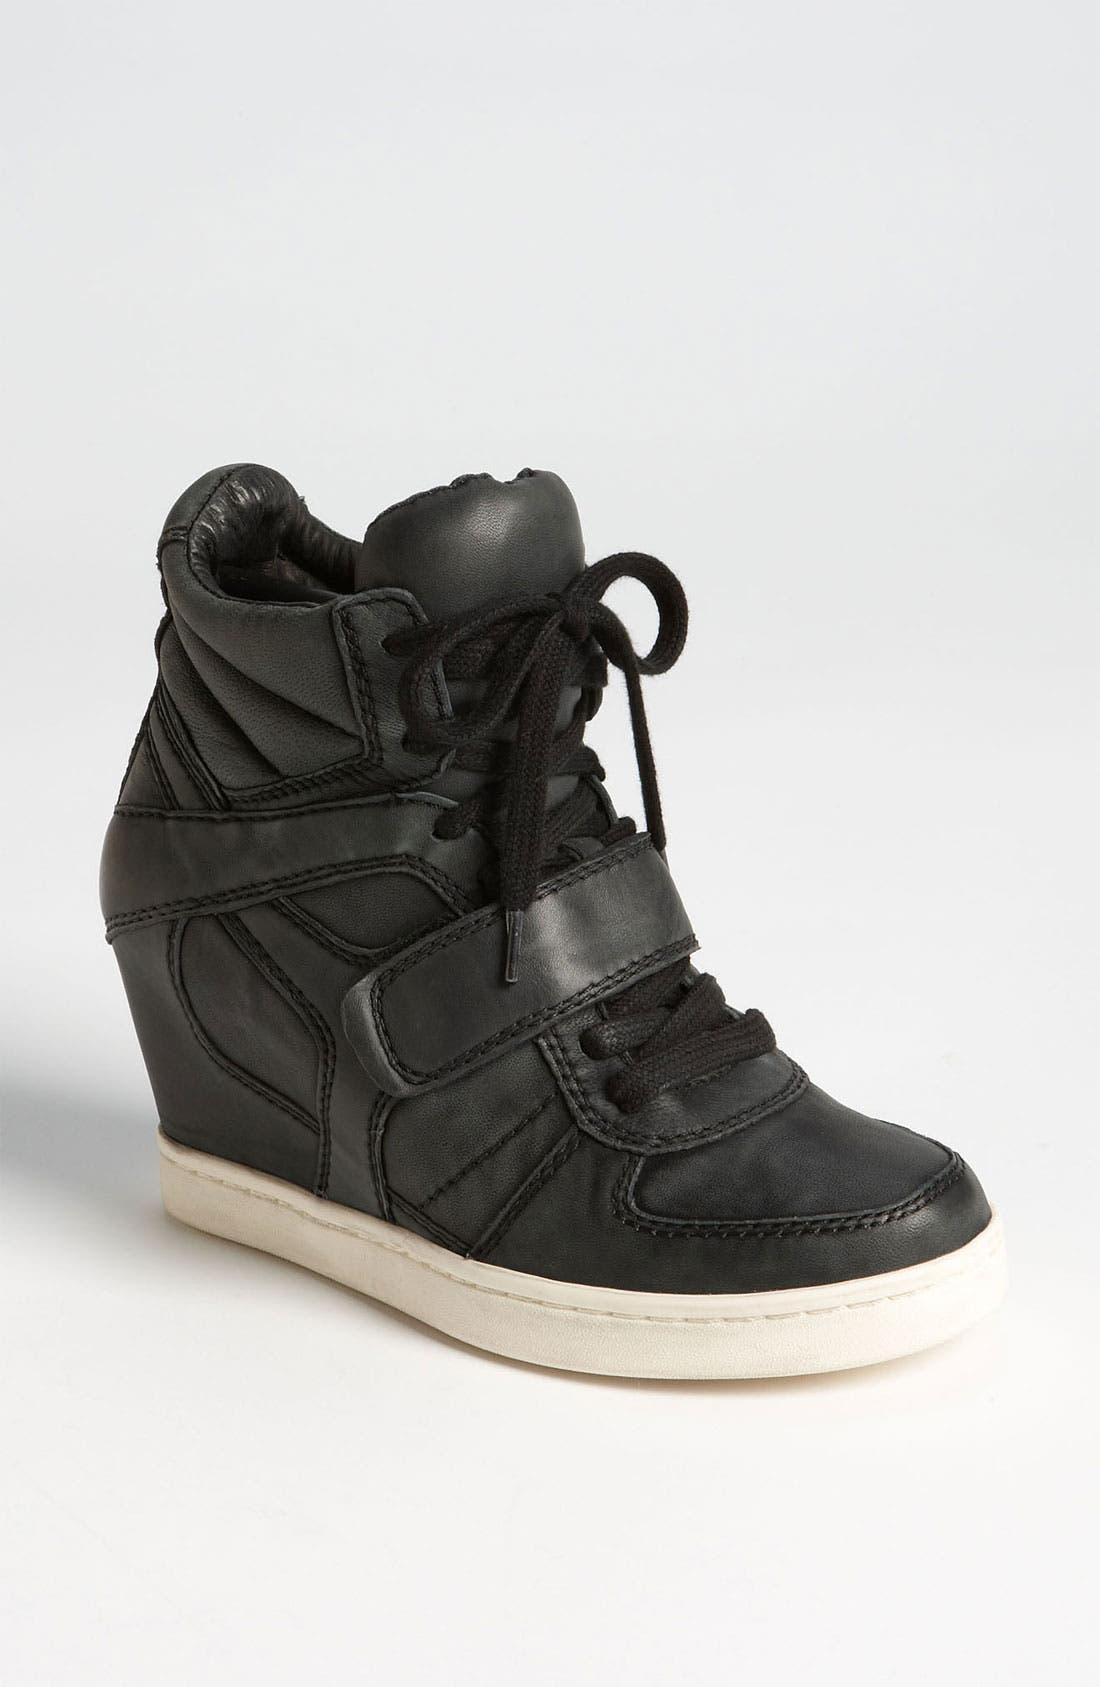 Alternate Image 1 Selected - Ash 'Cool Ter' Sneaker